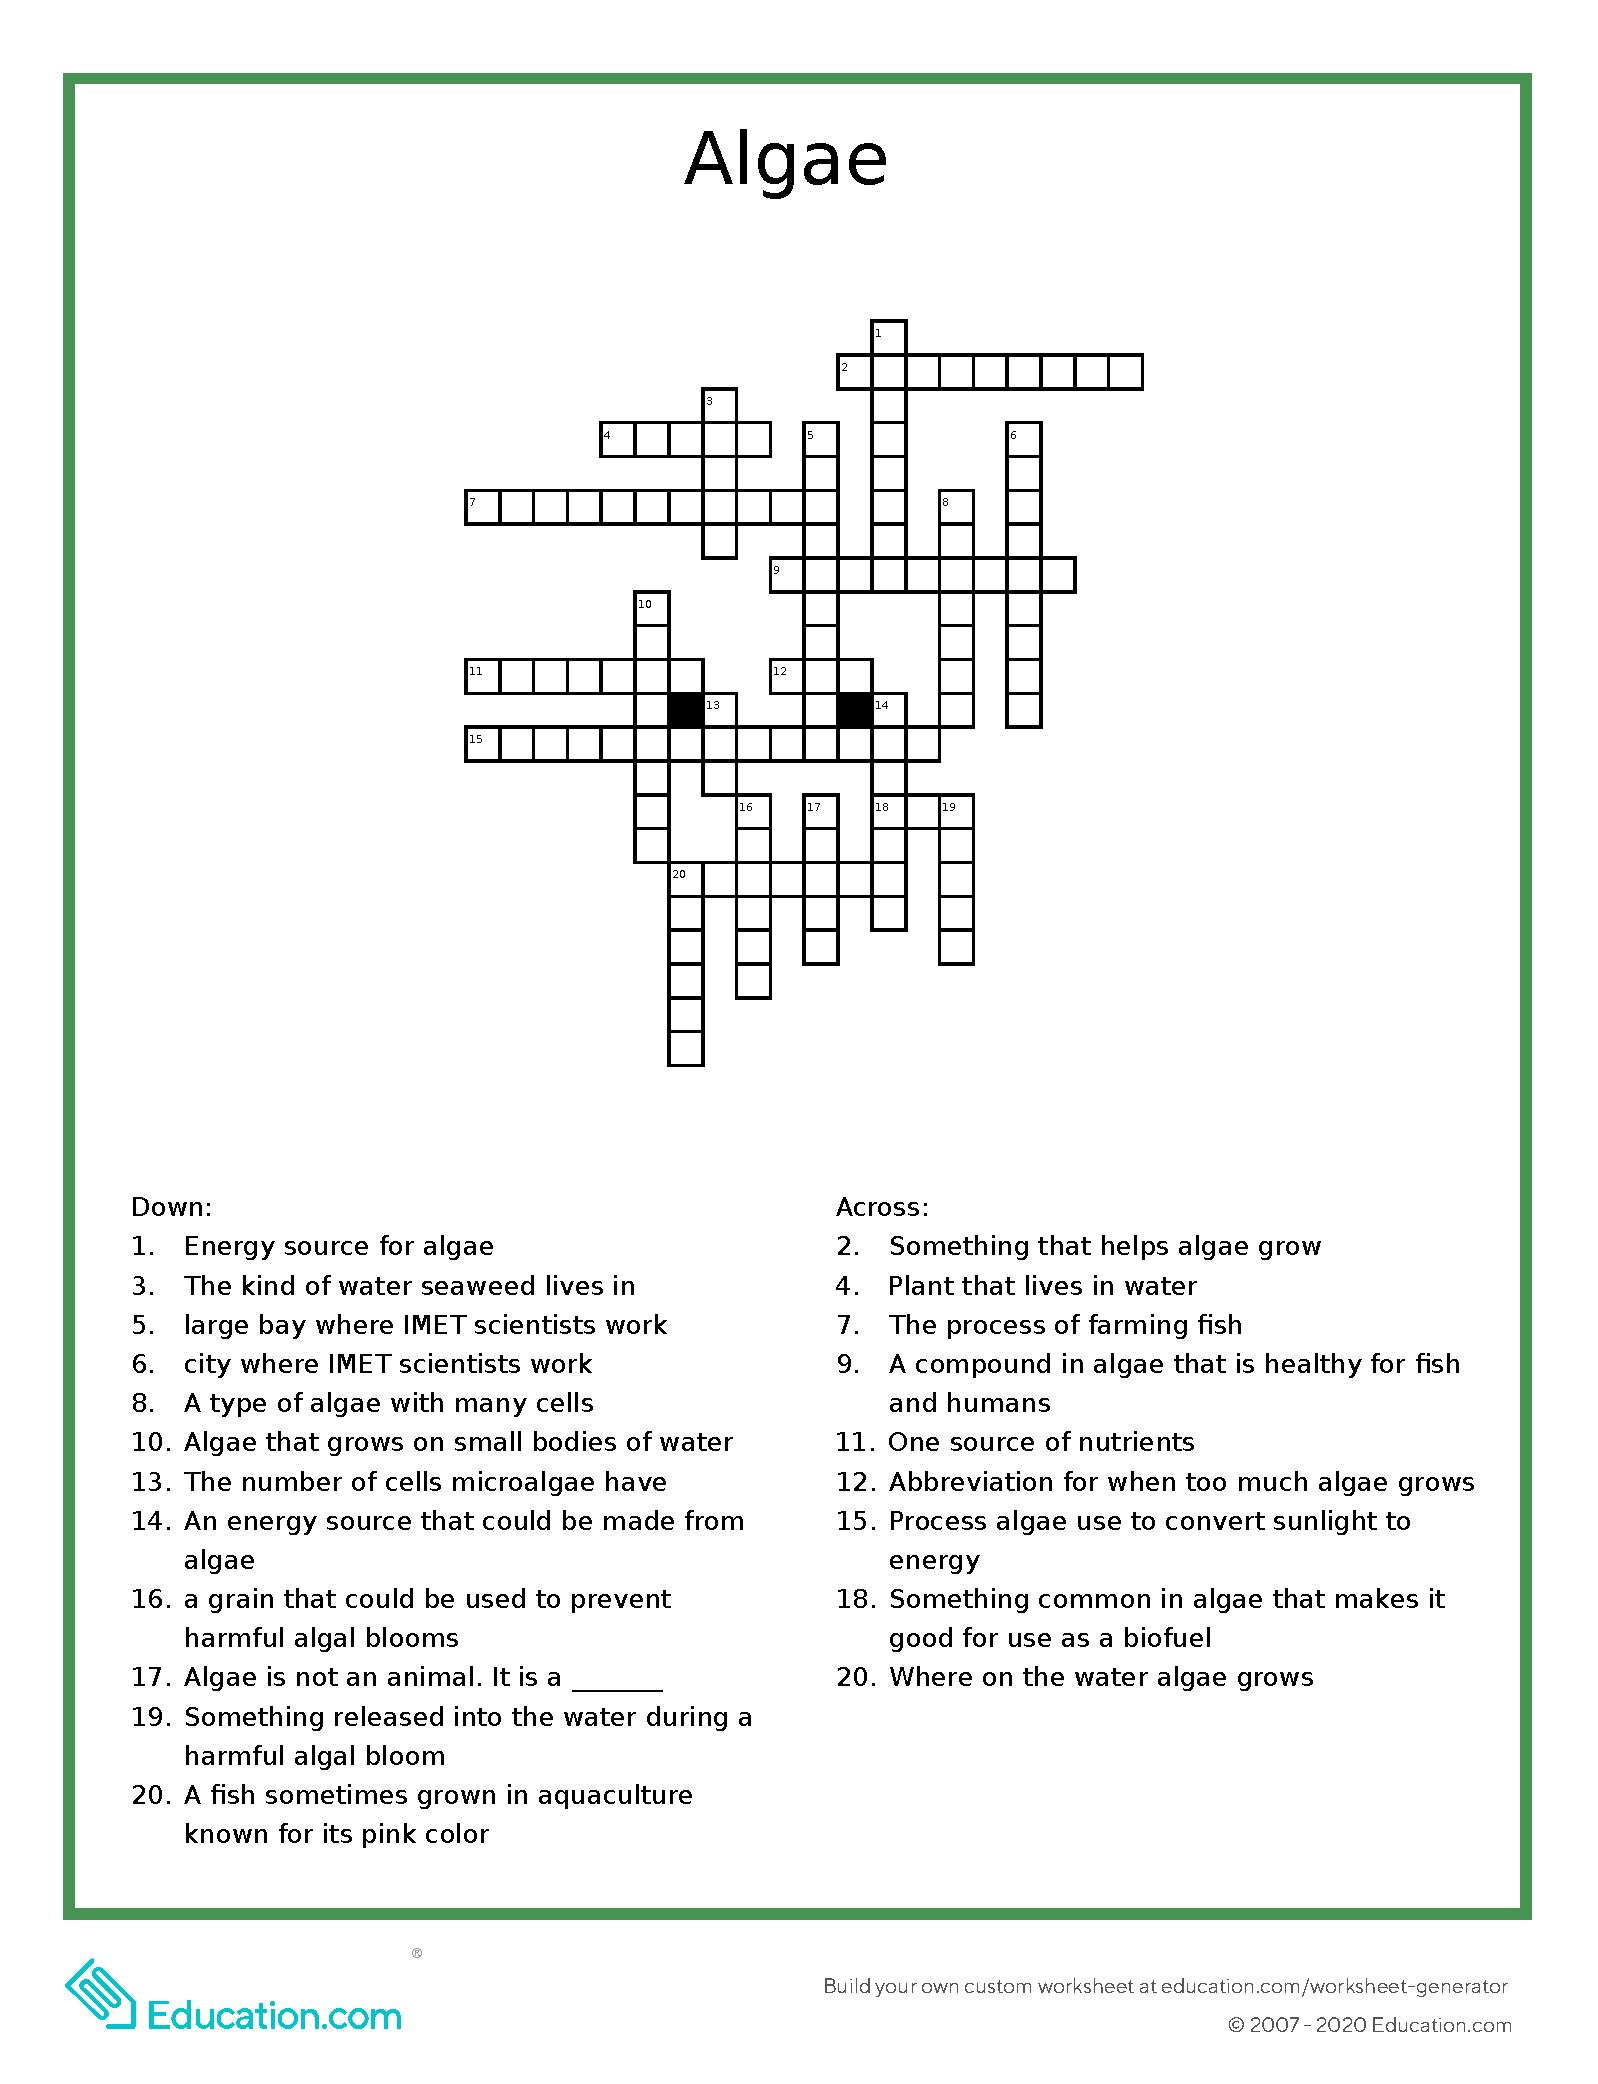 crossword puzzle on algae